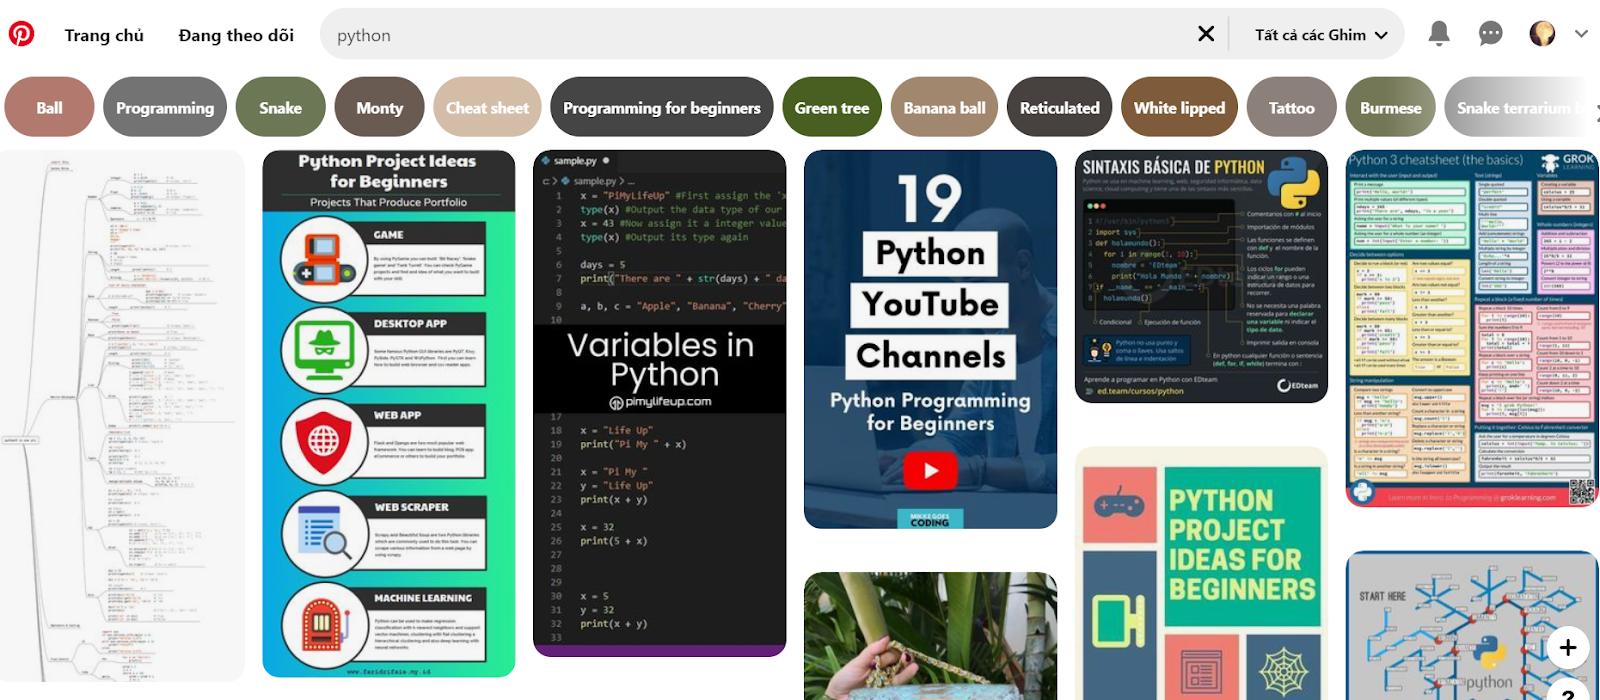 Áp dụng phần mềm lập trình Python và PInterest